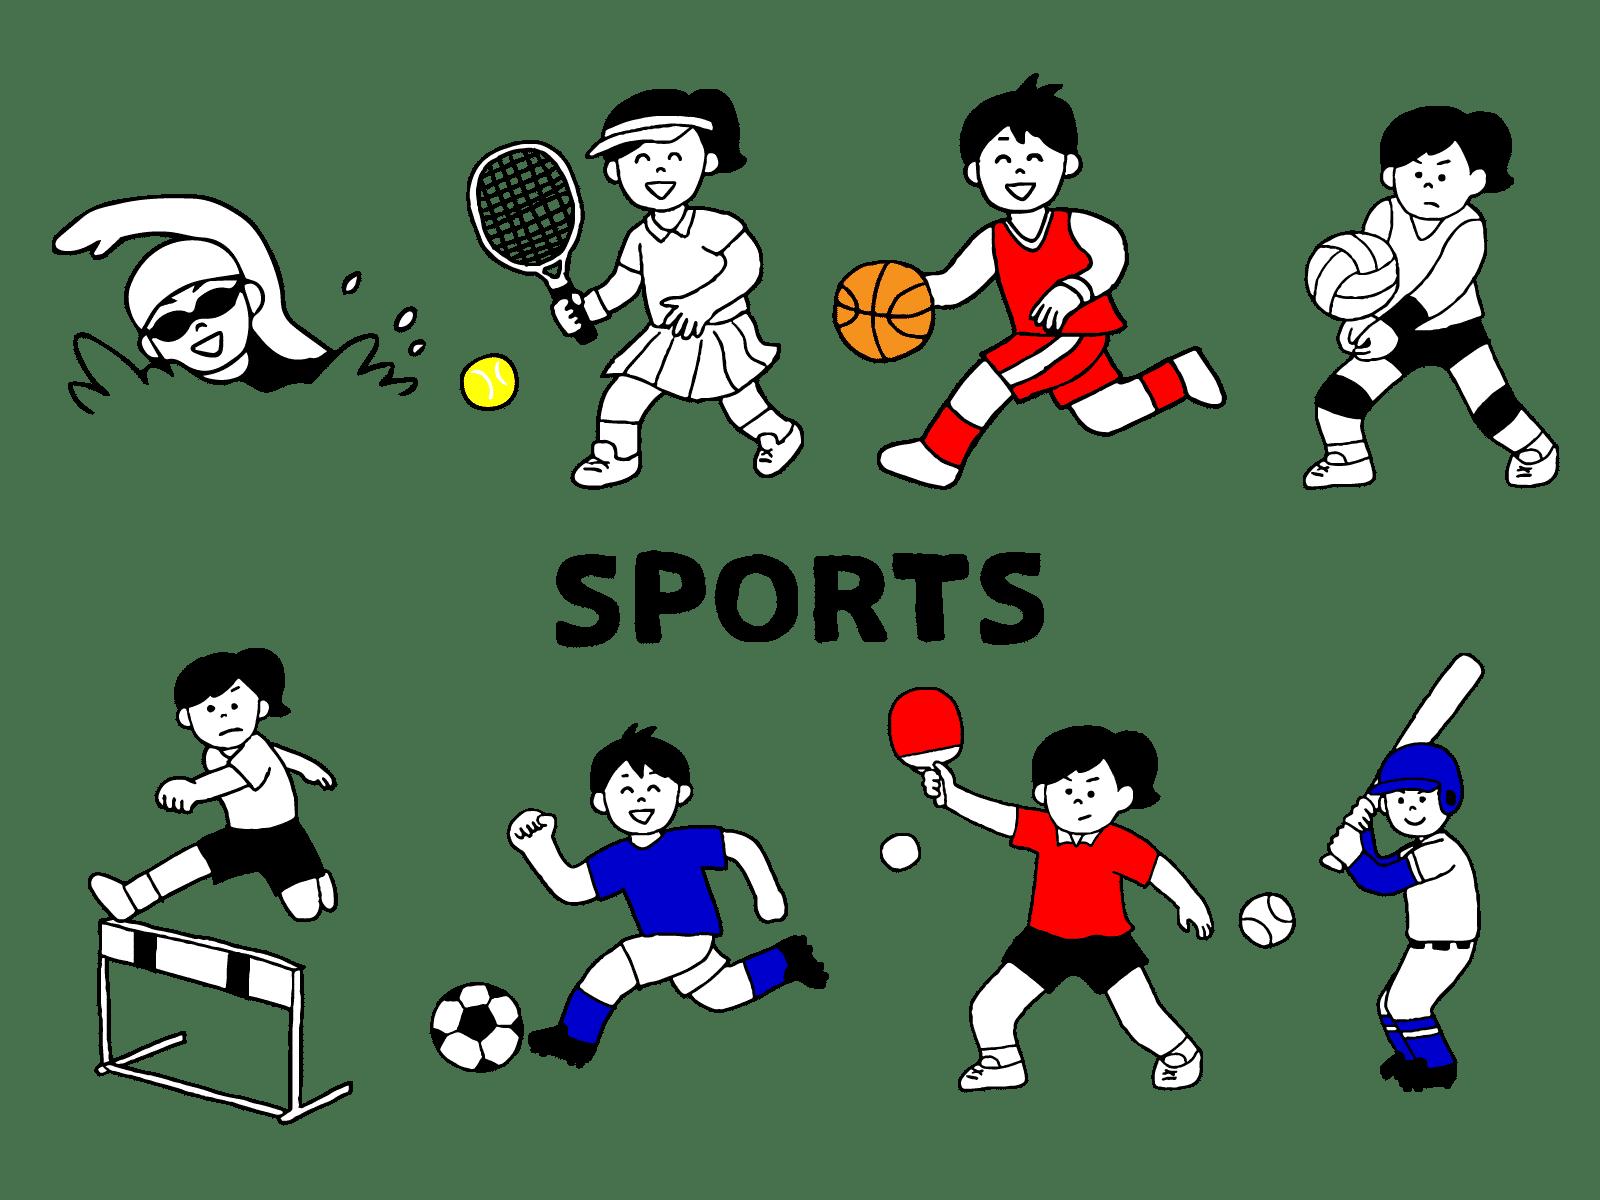 選手 コロナ スポーツ